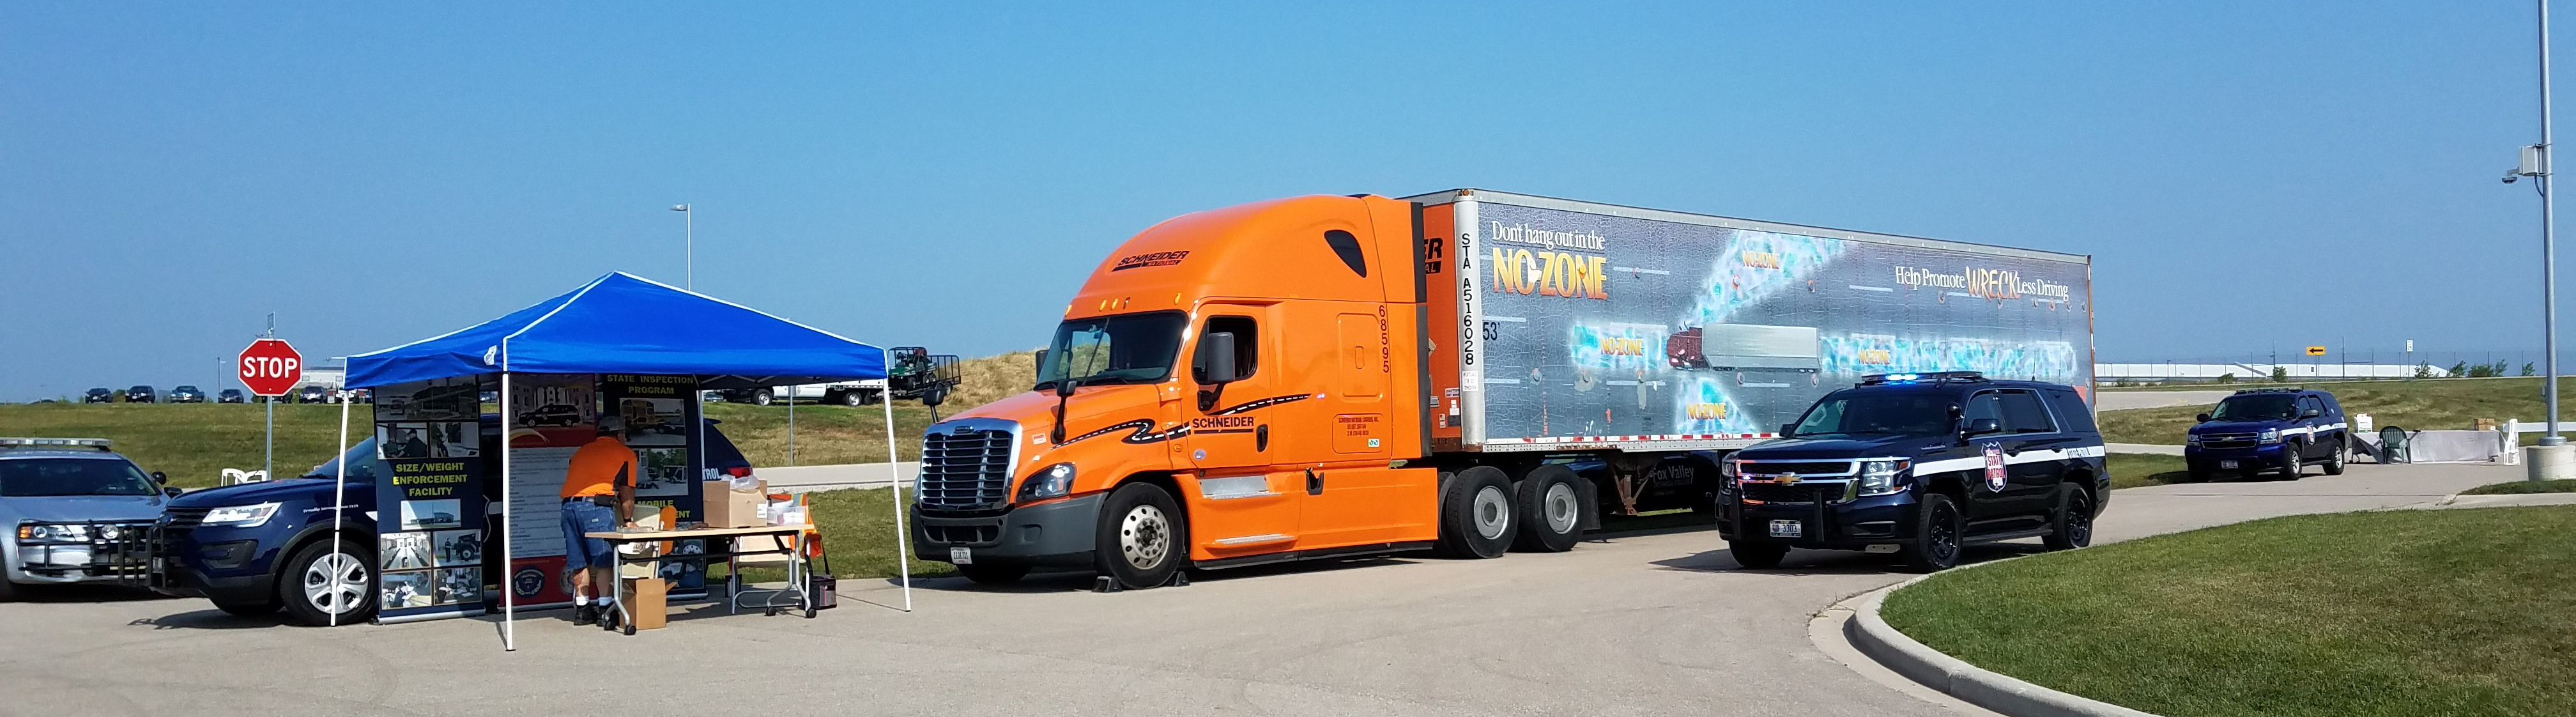 Schneider truck set up